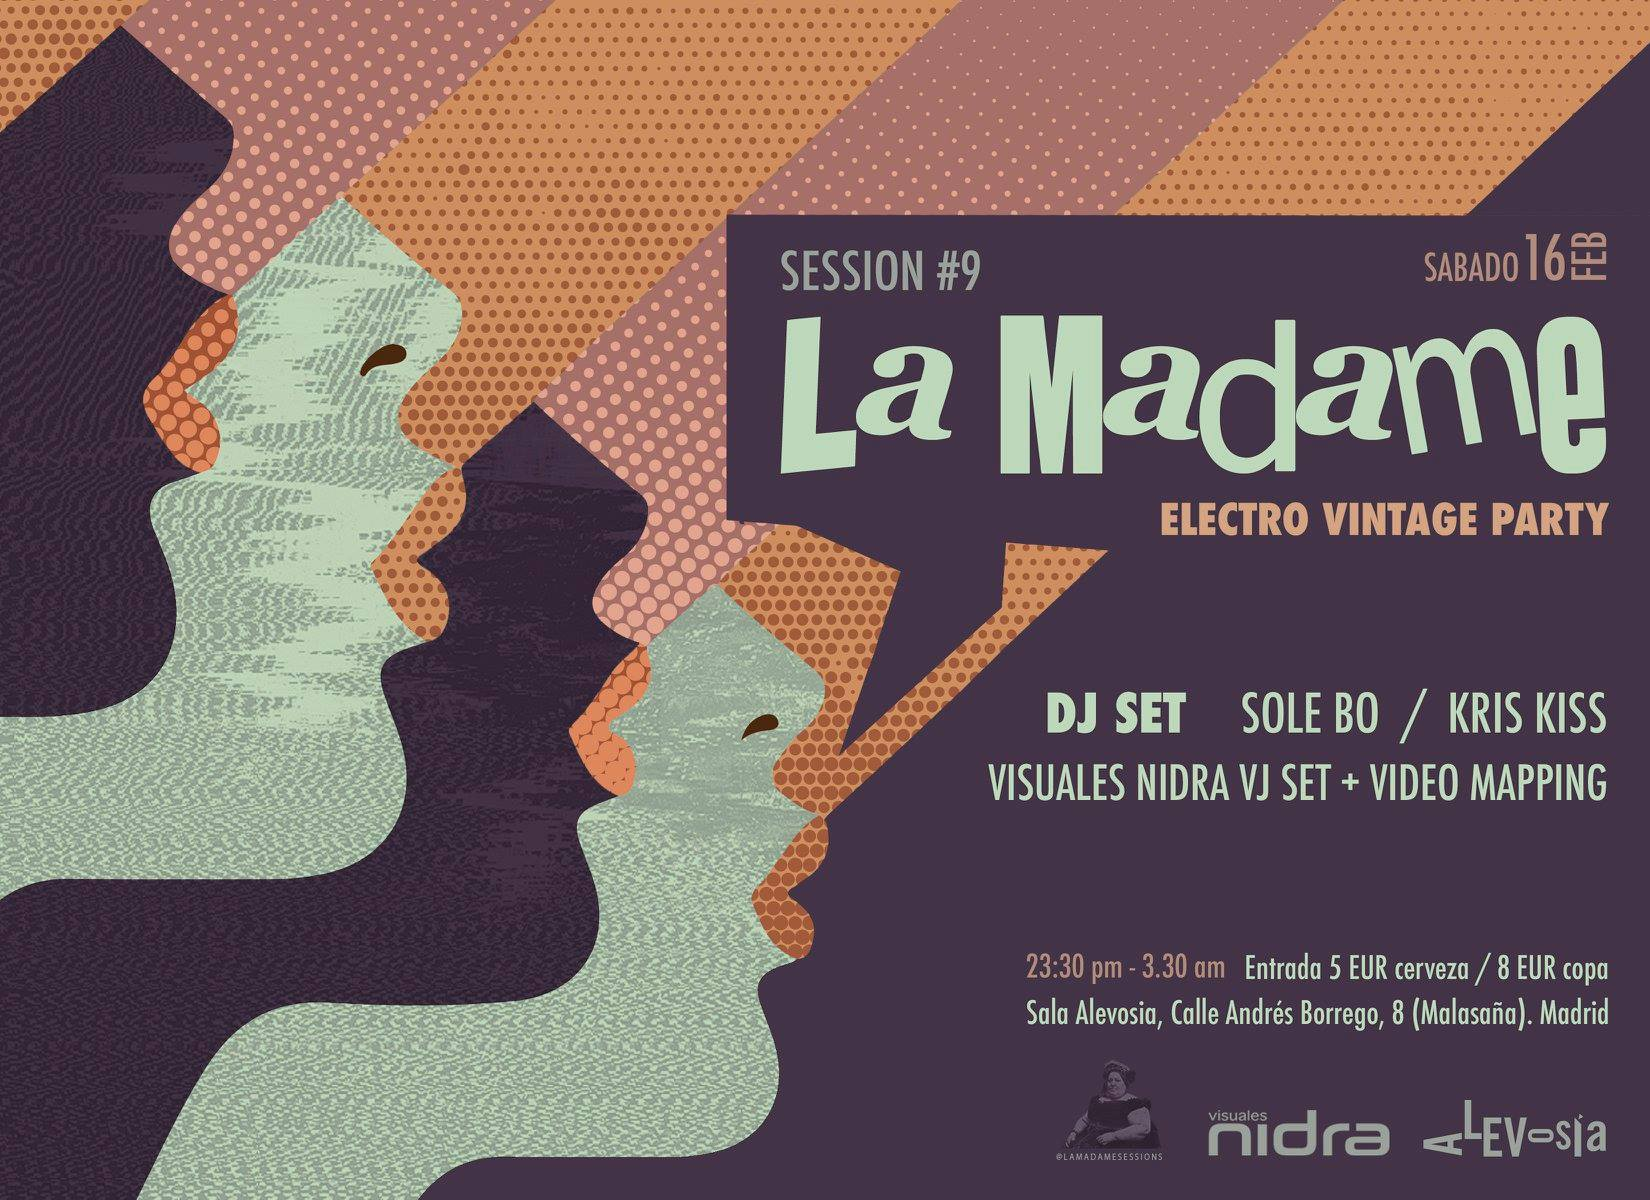 La Madame sessions Club Alevosia Madrid Kris Kiss